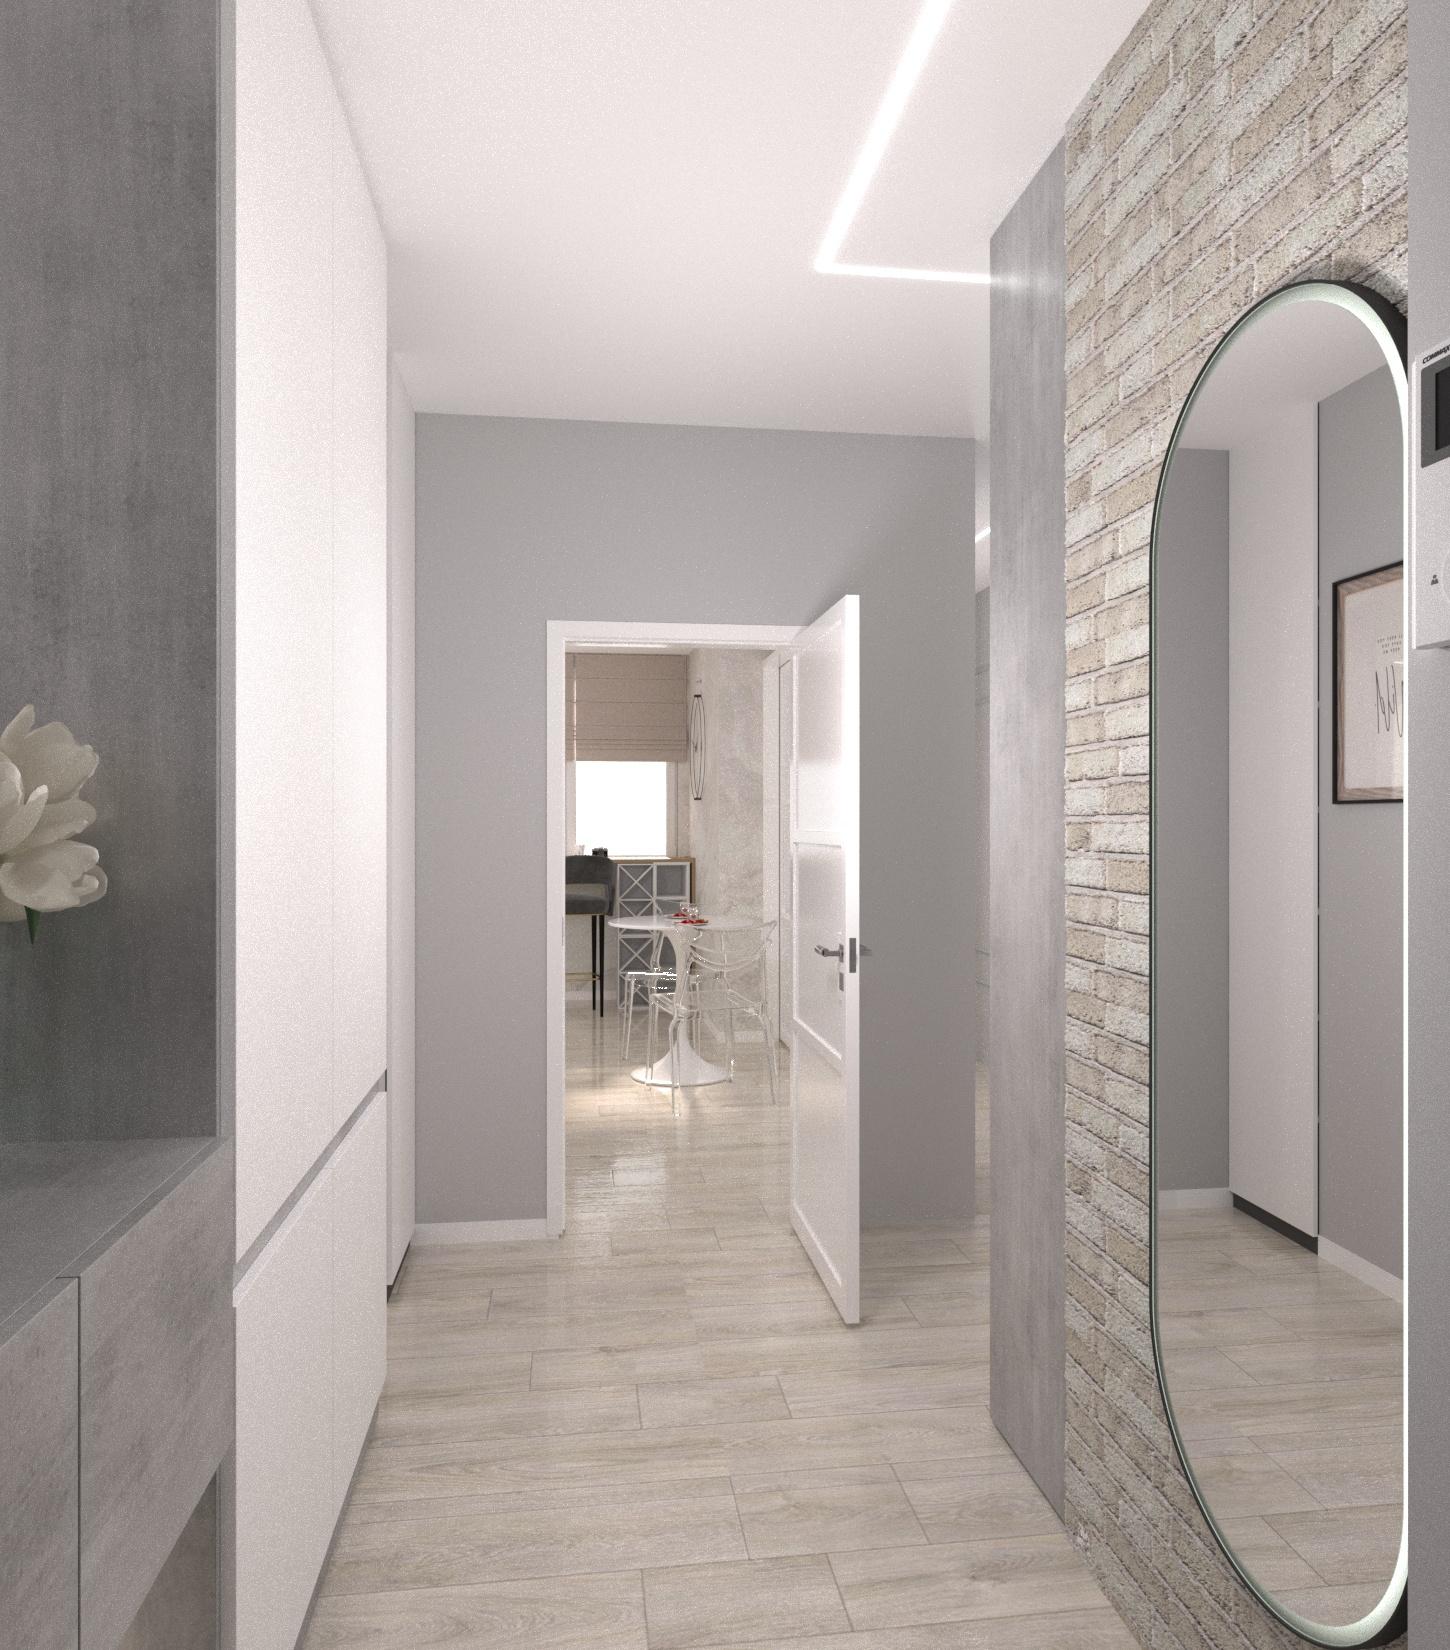 Проект квартири 47,5 кв.м по вул. Проскуровського Підпілля 165а - фото 11